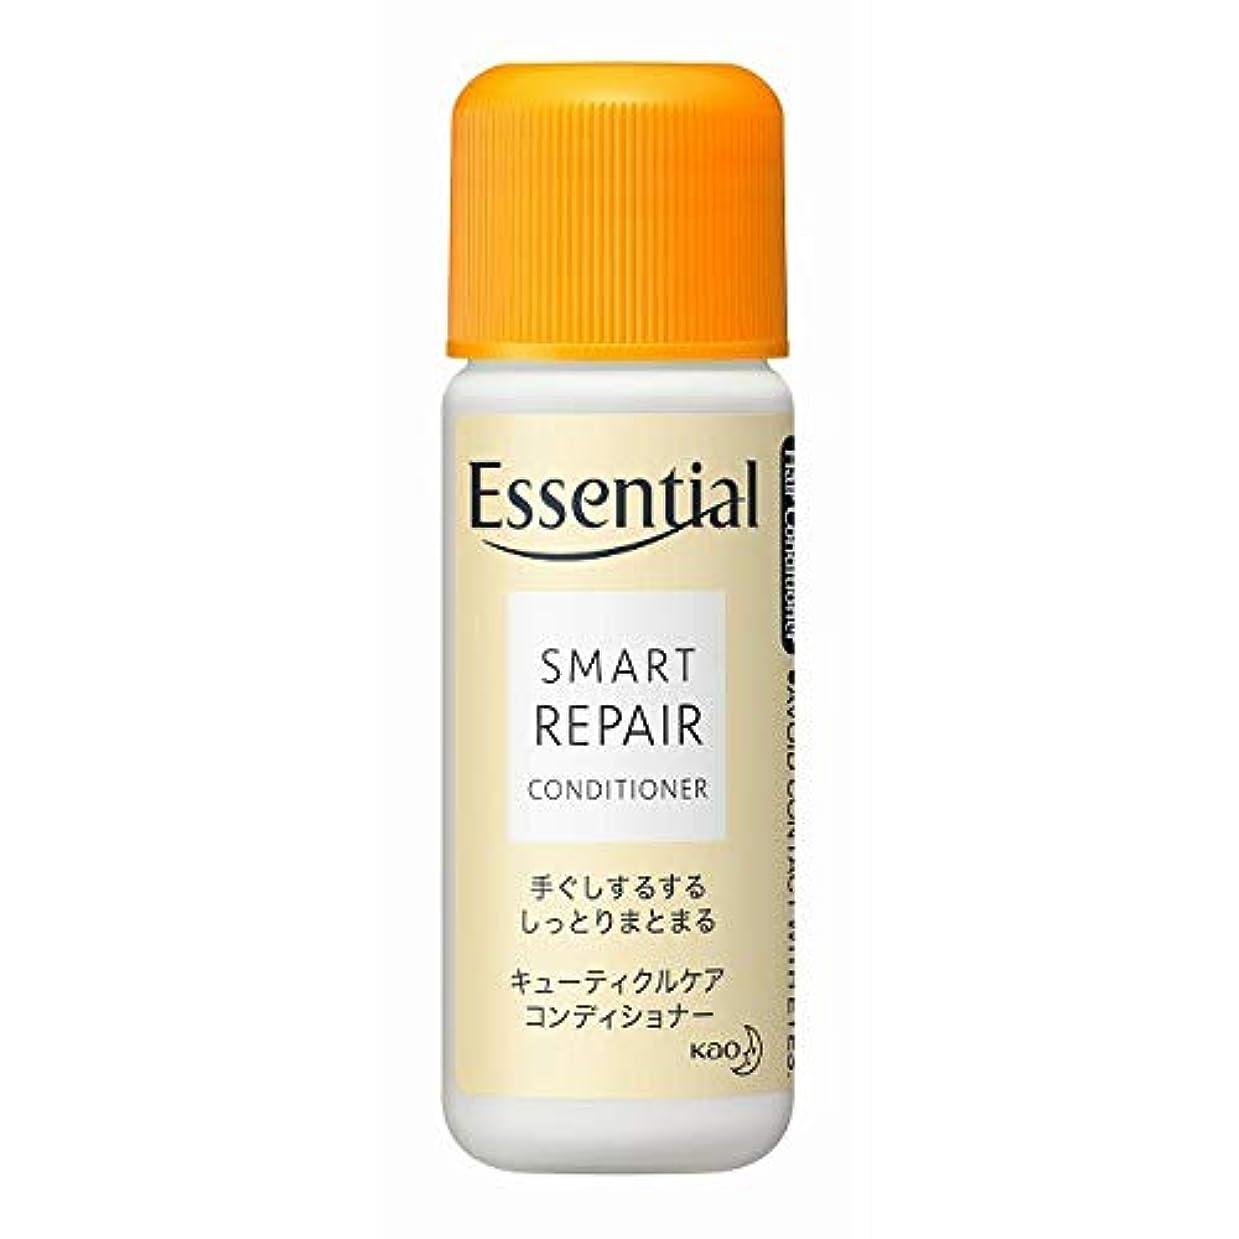 シール三番爆発する花王 エッセンシャル(Essential) しっとりツヤ髪 シャンプー 業務用 ミニボトル 16mL×360個